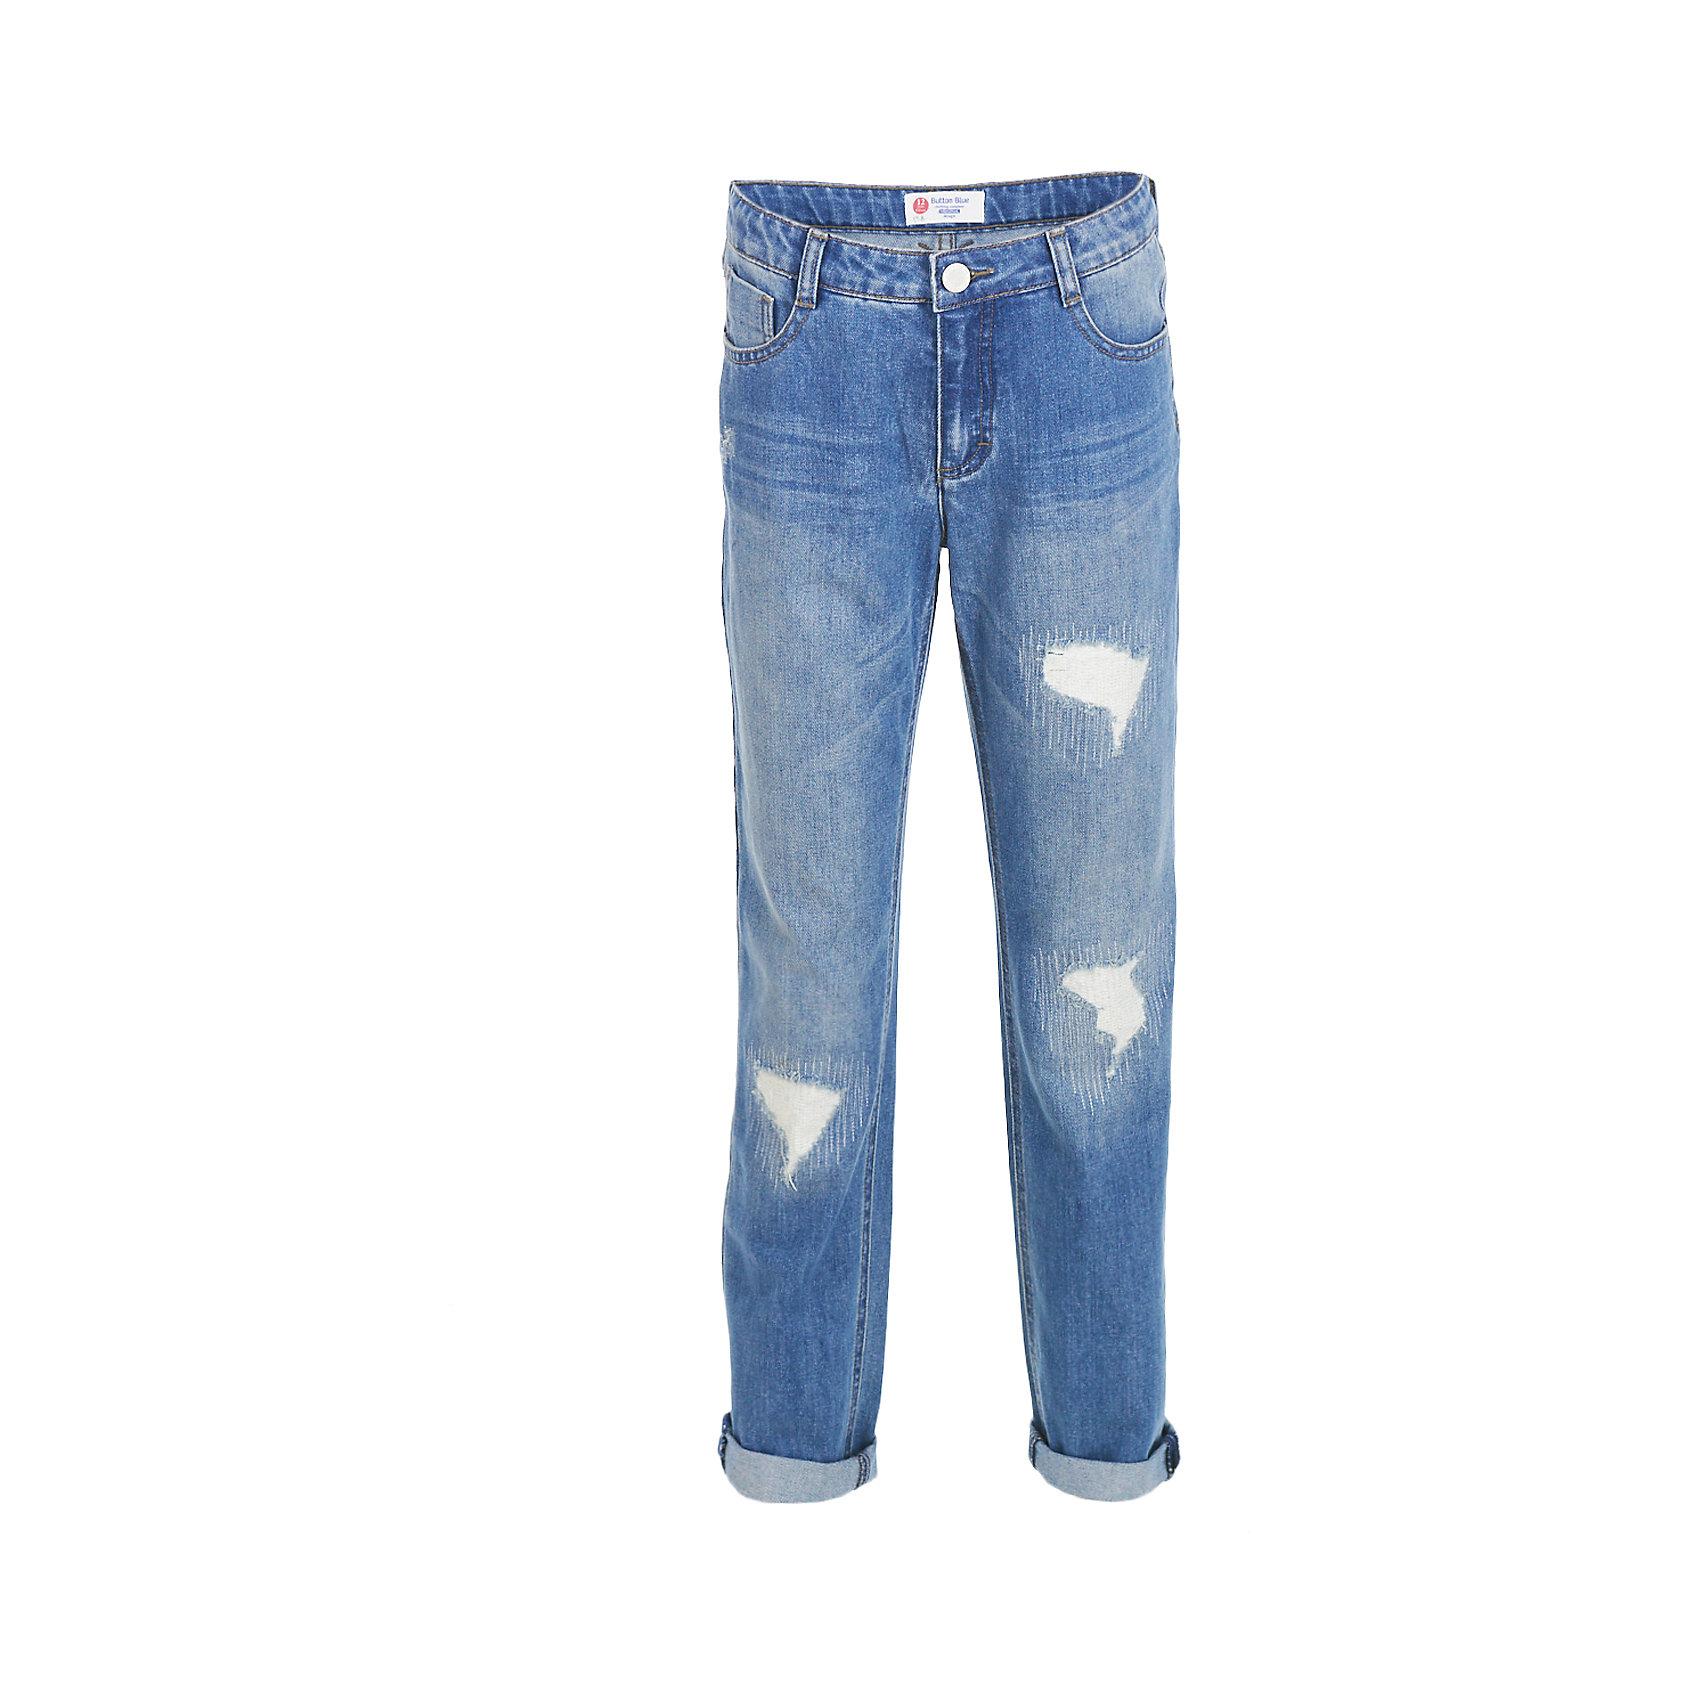 Джинсы BUTTON BLUE для девочкиДжинсы<br>Джинсы BUTTON BLUE для девочки<br>Голубые джинсы силуэта бойфренд с потертостями, варкой и повреждениями — основа модного повседневного гардероба ребенка! Классная форма, удобная посадка на фигуре подарят девочке комфорт, свободу движений и уверенность в себе. Если вы хотите купить недорогие детские джинсы отличного качества, модель от Button Blue - прекрасный вариант!<br>Состав:<br>100% хлопок<br><br>Ширина мм: 215<br>Глубина мм: 88<br>Высота мм: 191<br>Вес г: 336<br>Цвет: голубой<br>Возраст от месяцев: 132<br>Возраст до месяцев: 144<br>Пол: Женский<br>Возраст: Детский<br>Размер: 152,158,98,104,110,116,122,128,134,140,146<br>SKU: 7037829